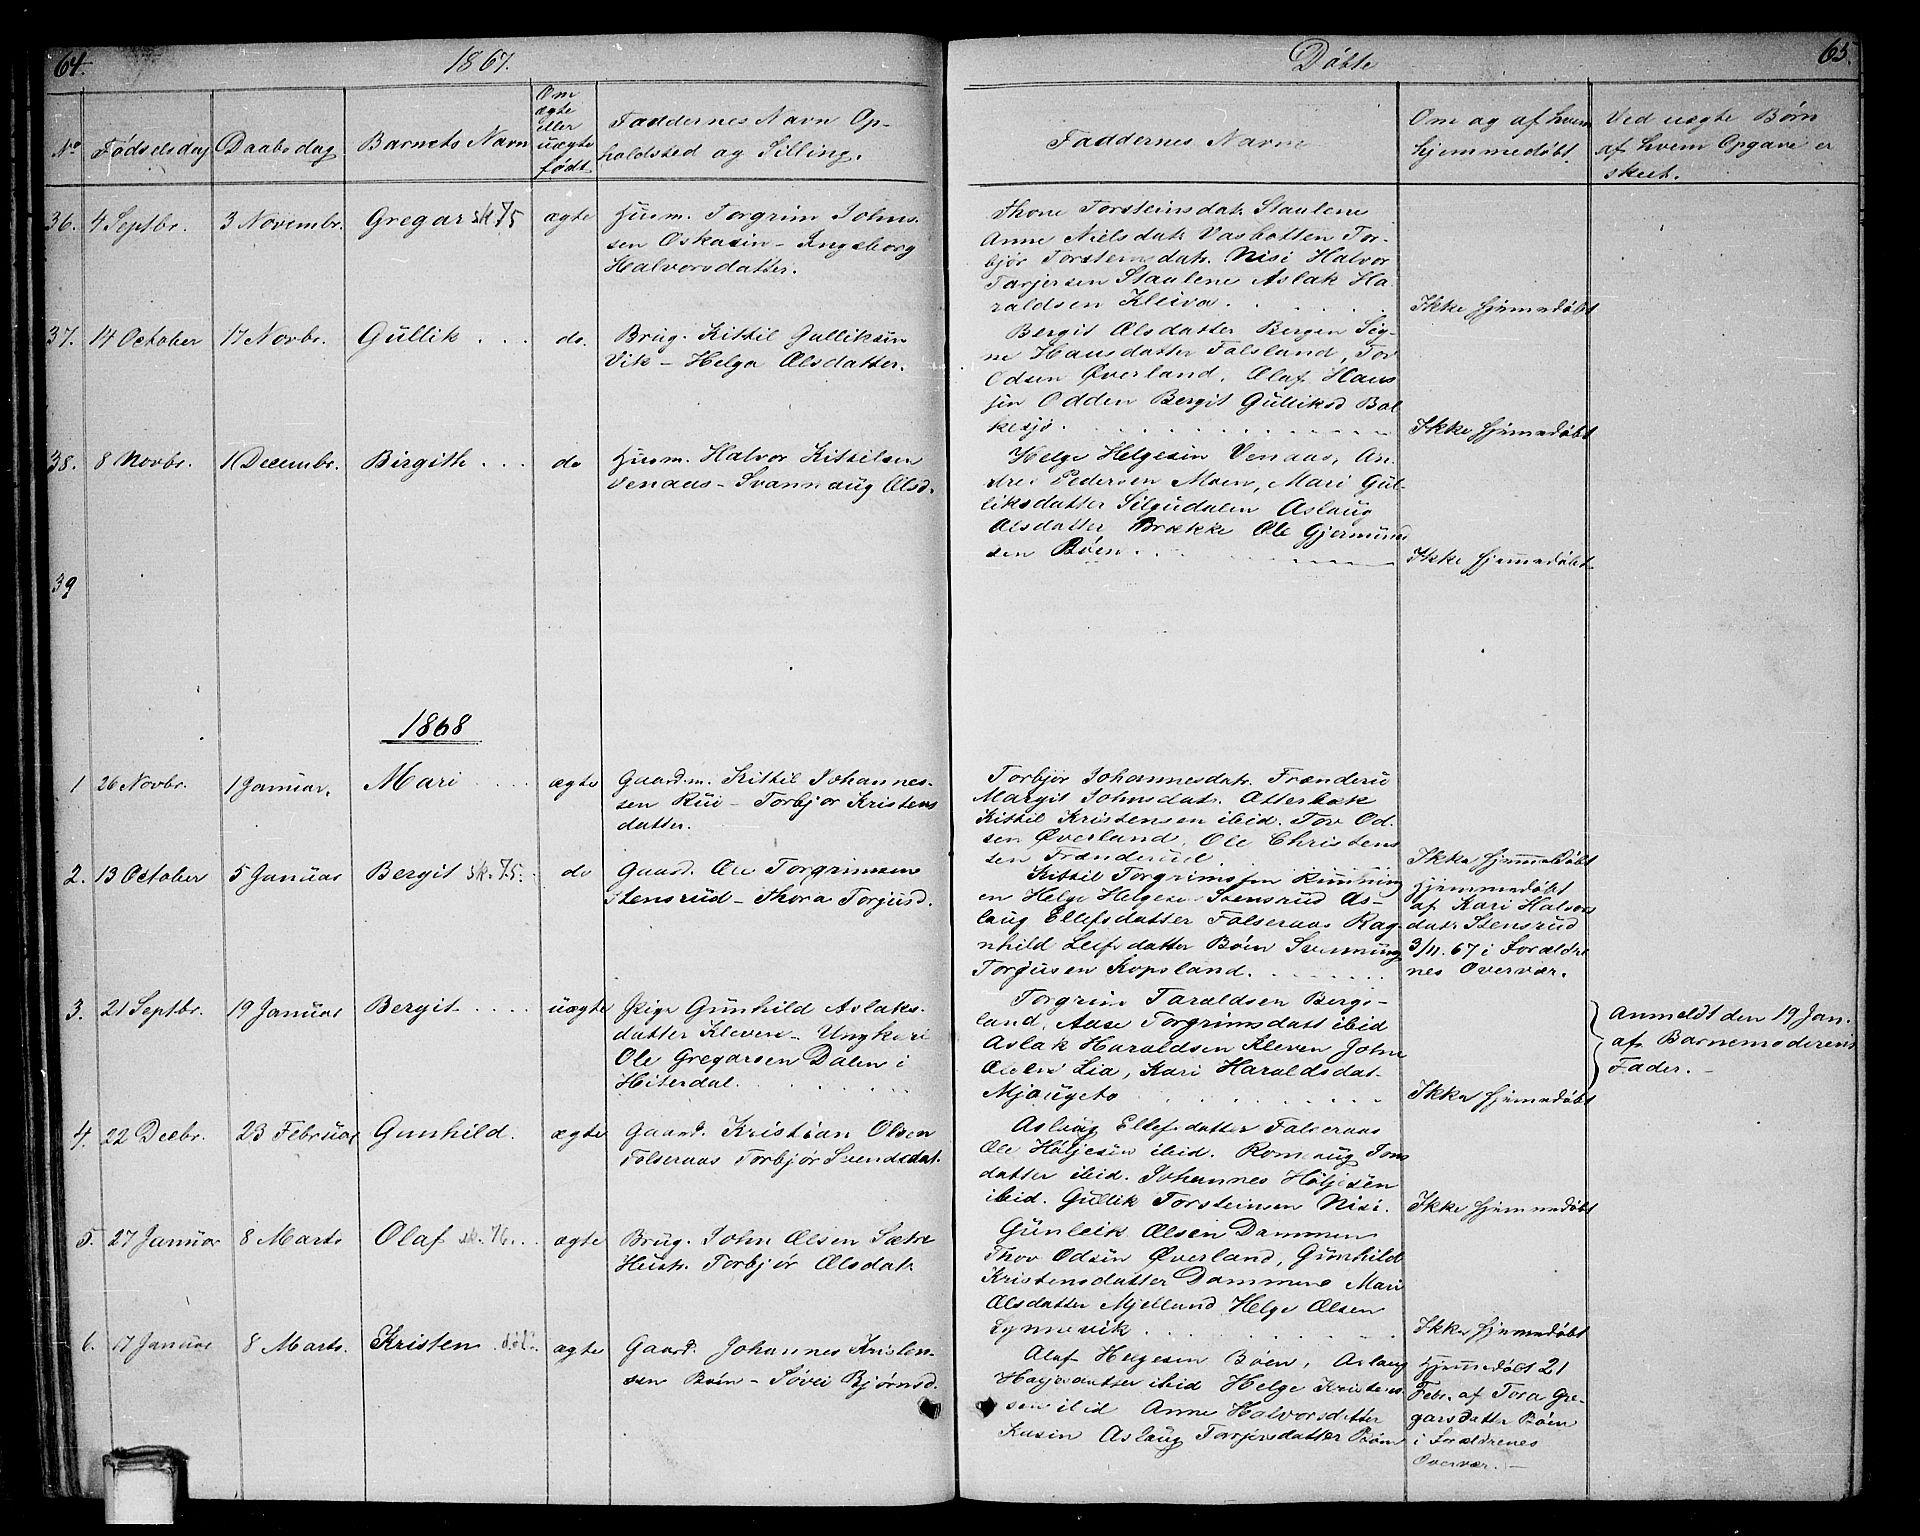 SAKO, Gransherad kirkebøker, G/Ga/L0002: Klokkerbok nr. I 2, 1854-1886, s. 64-65